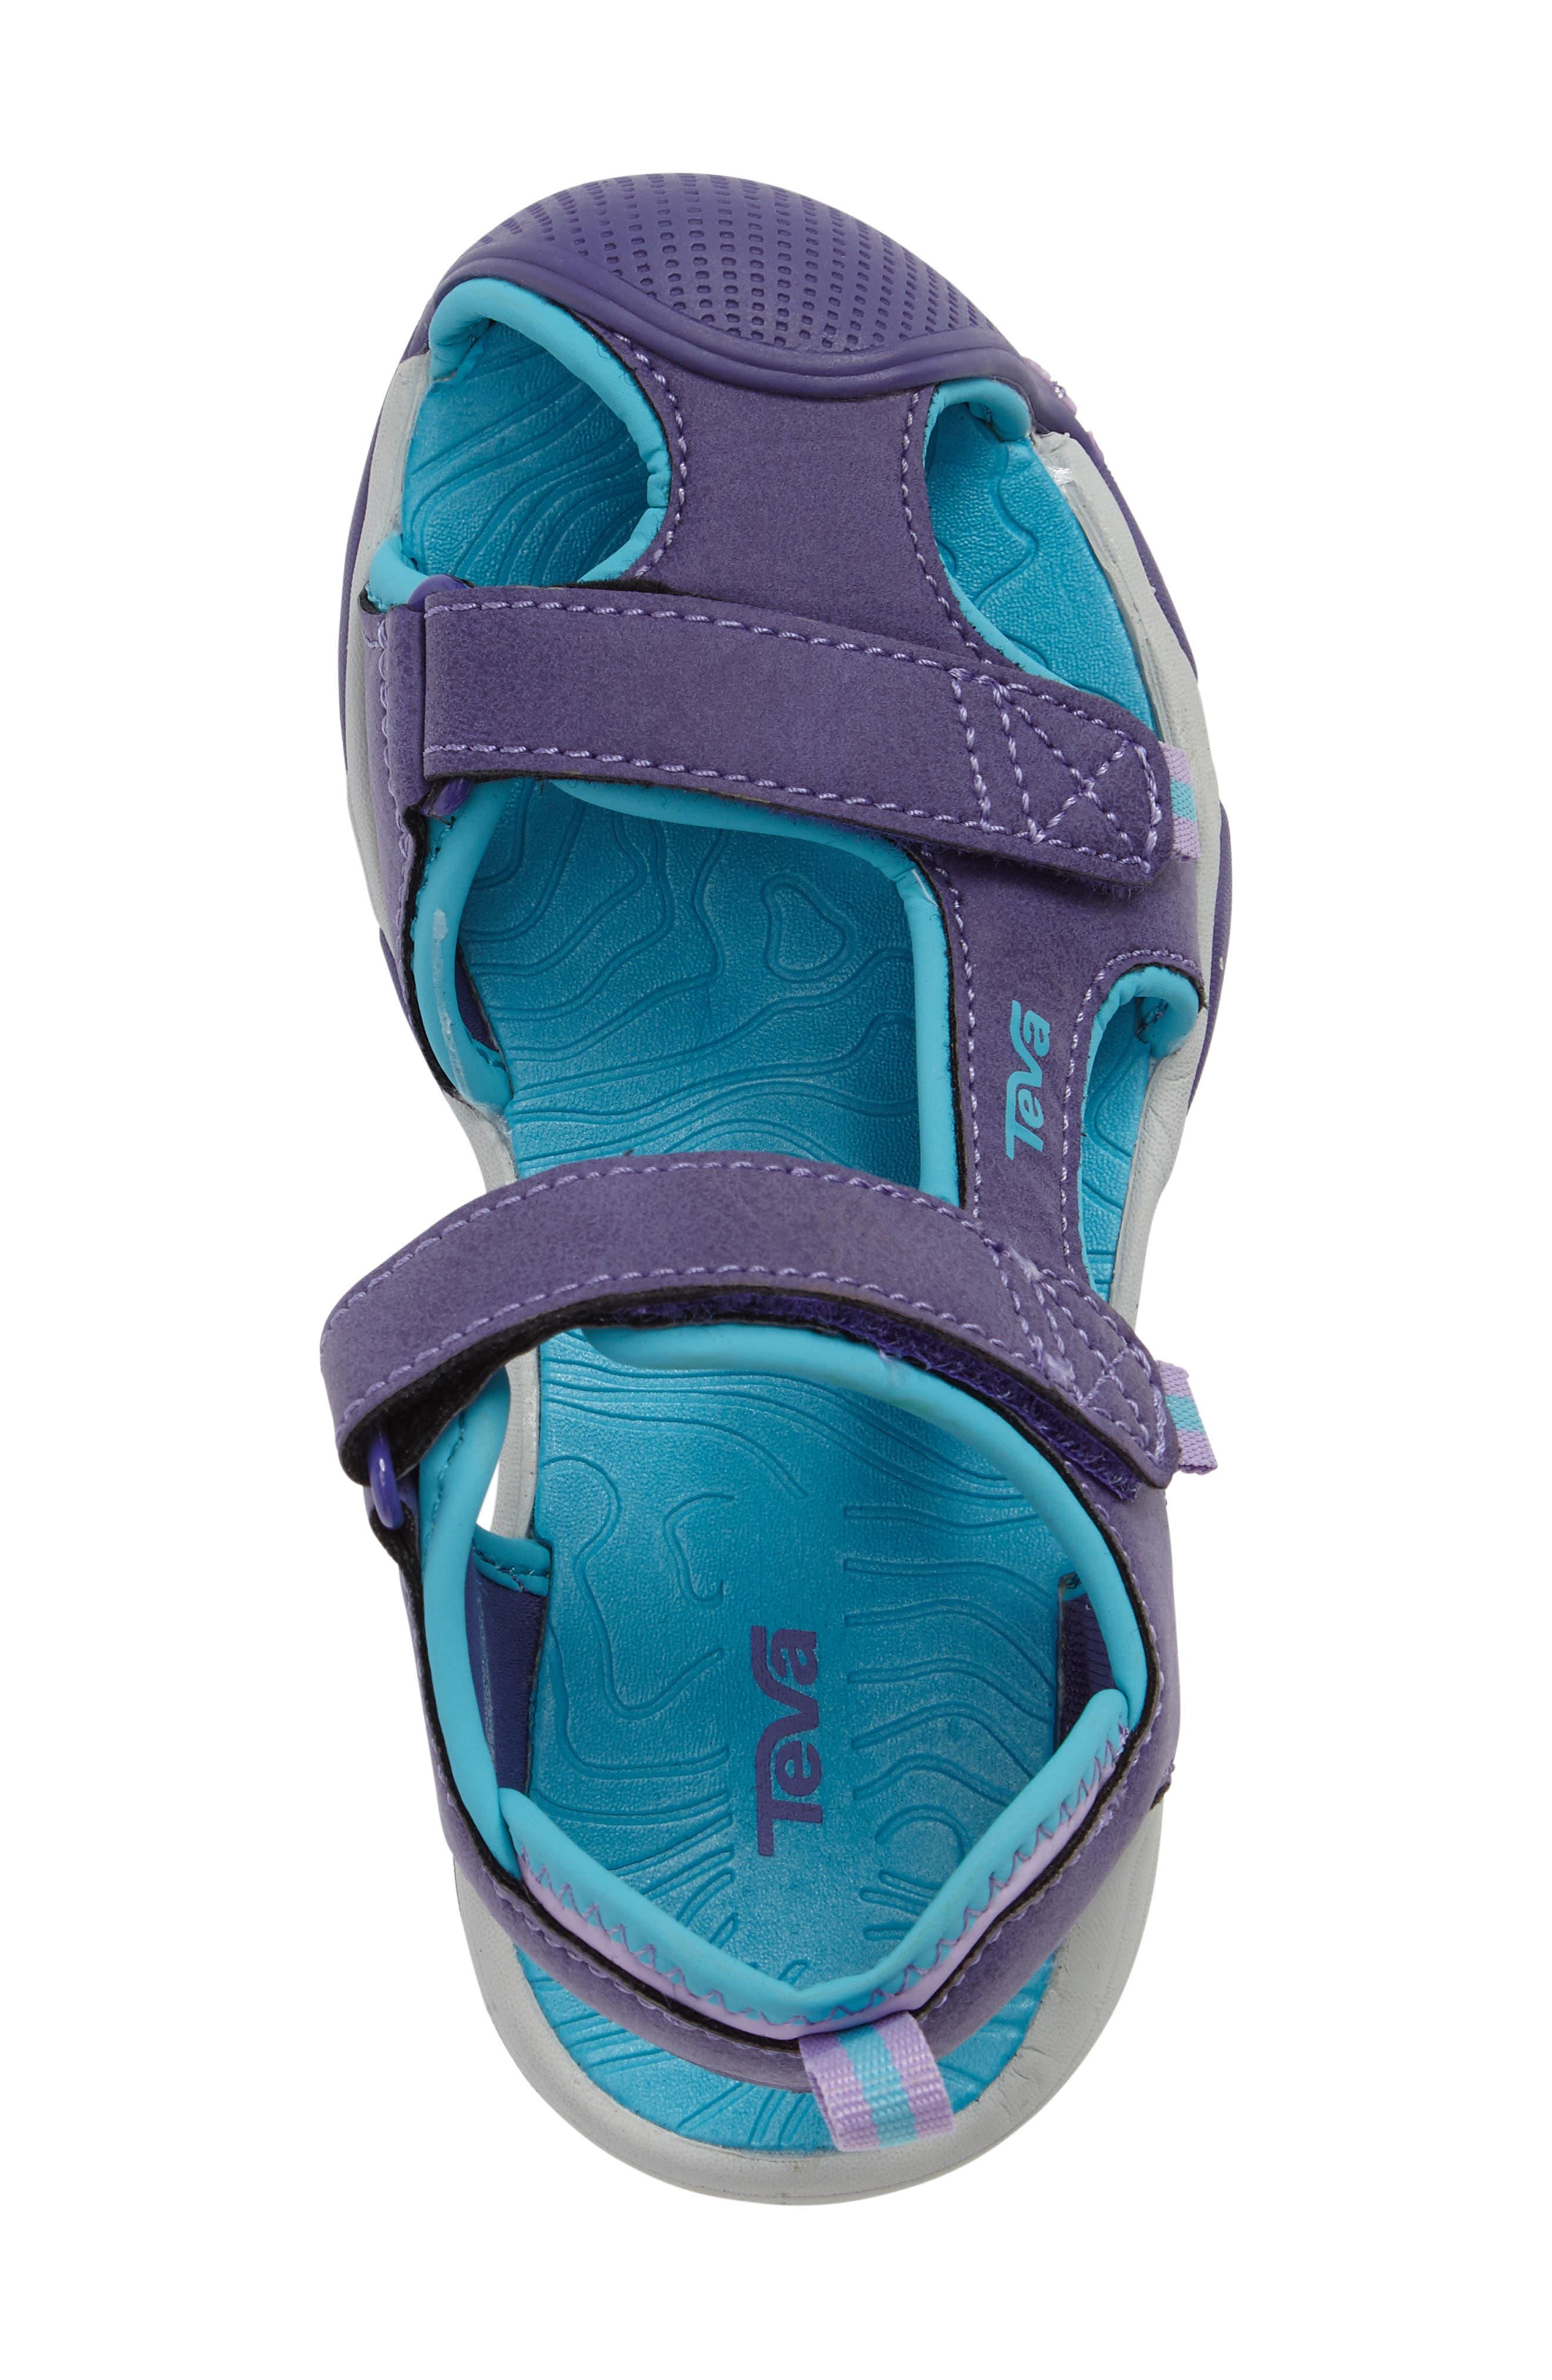 Toachi 4 Sport Sandal,                             Alternate thumbnail 5, color,